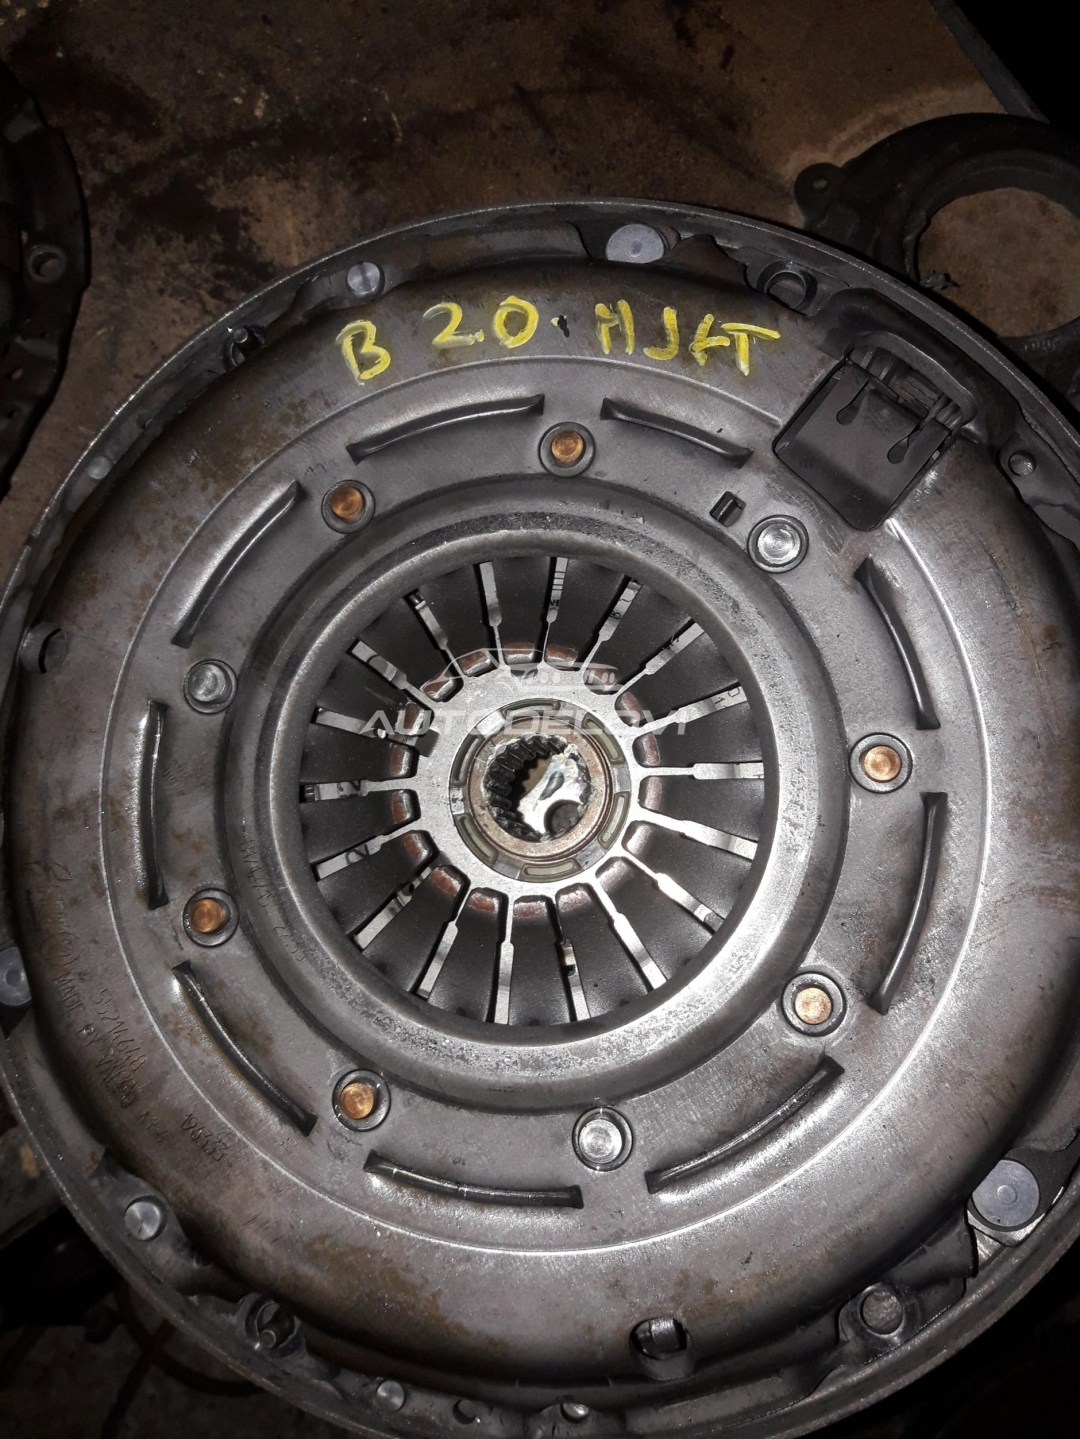 Fiat Bravo 2.0 multi jet korpa, lamela i druk lezaj